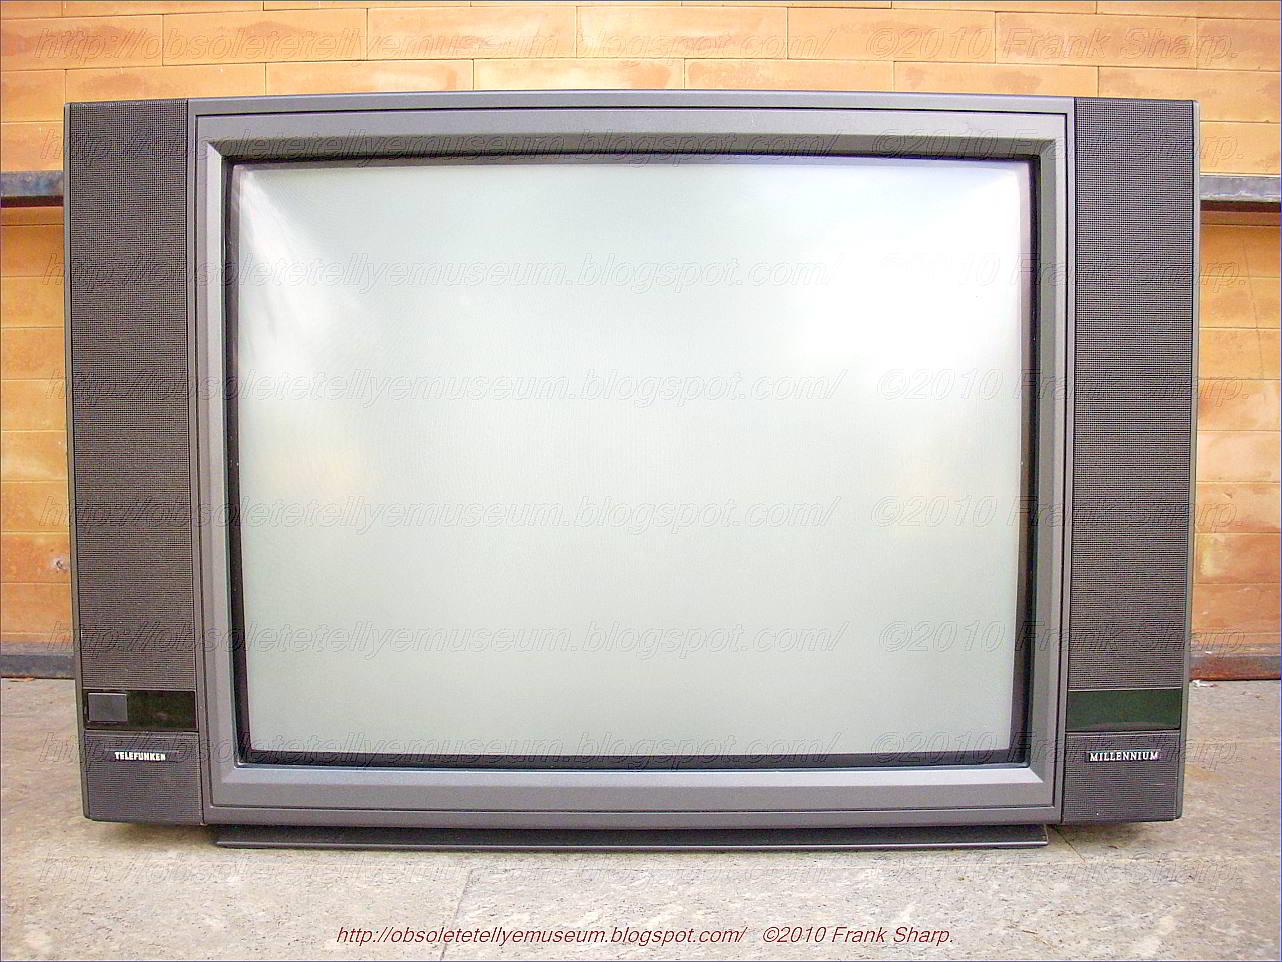 Obsolete Technology Tellye !: TELEFUNKEN PALCOLOR HIFI 29